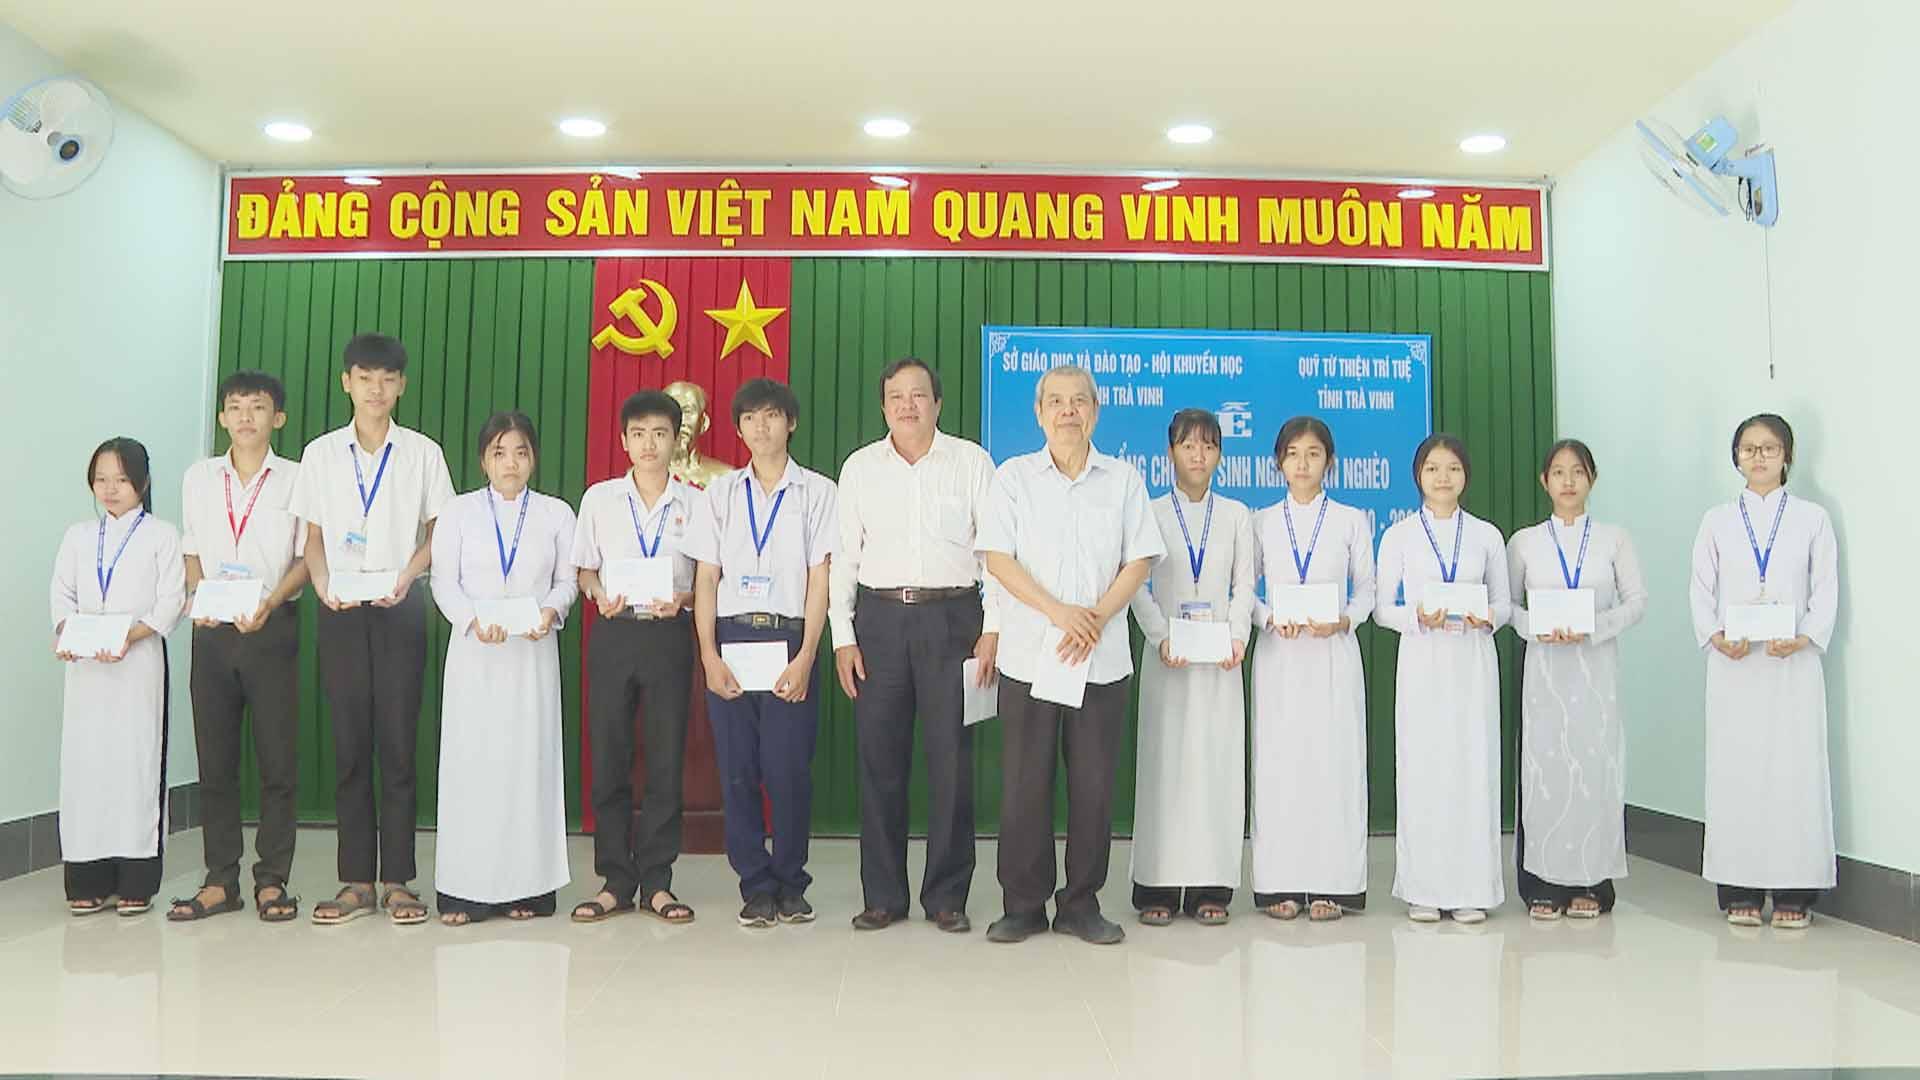 Quỹ Từ thiện Trí tuệ tỉnh Trà Vinh trao học bổng cho học sinh nghèo, cận nghèo đầu năm học 2020 – 2021